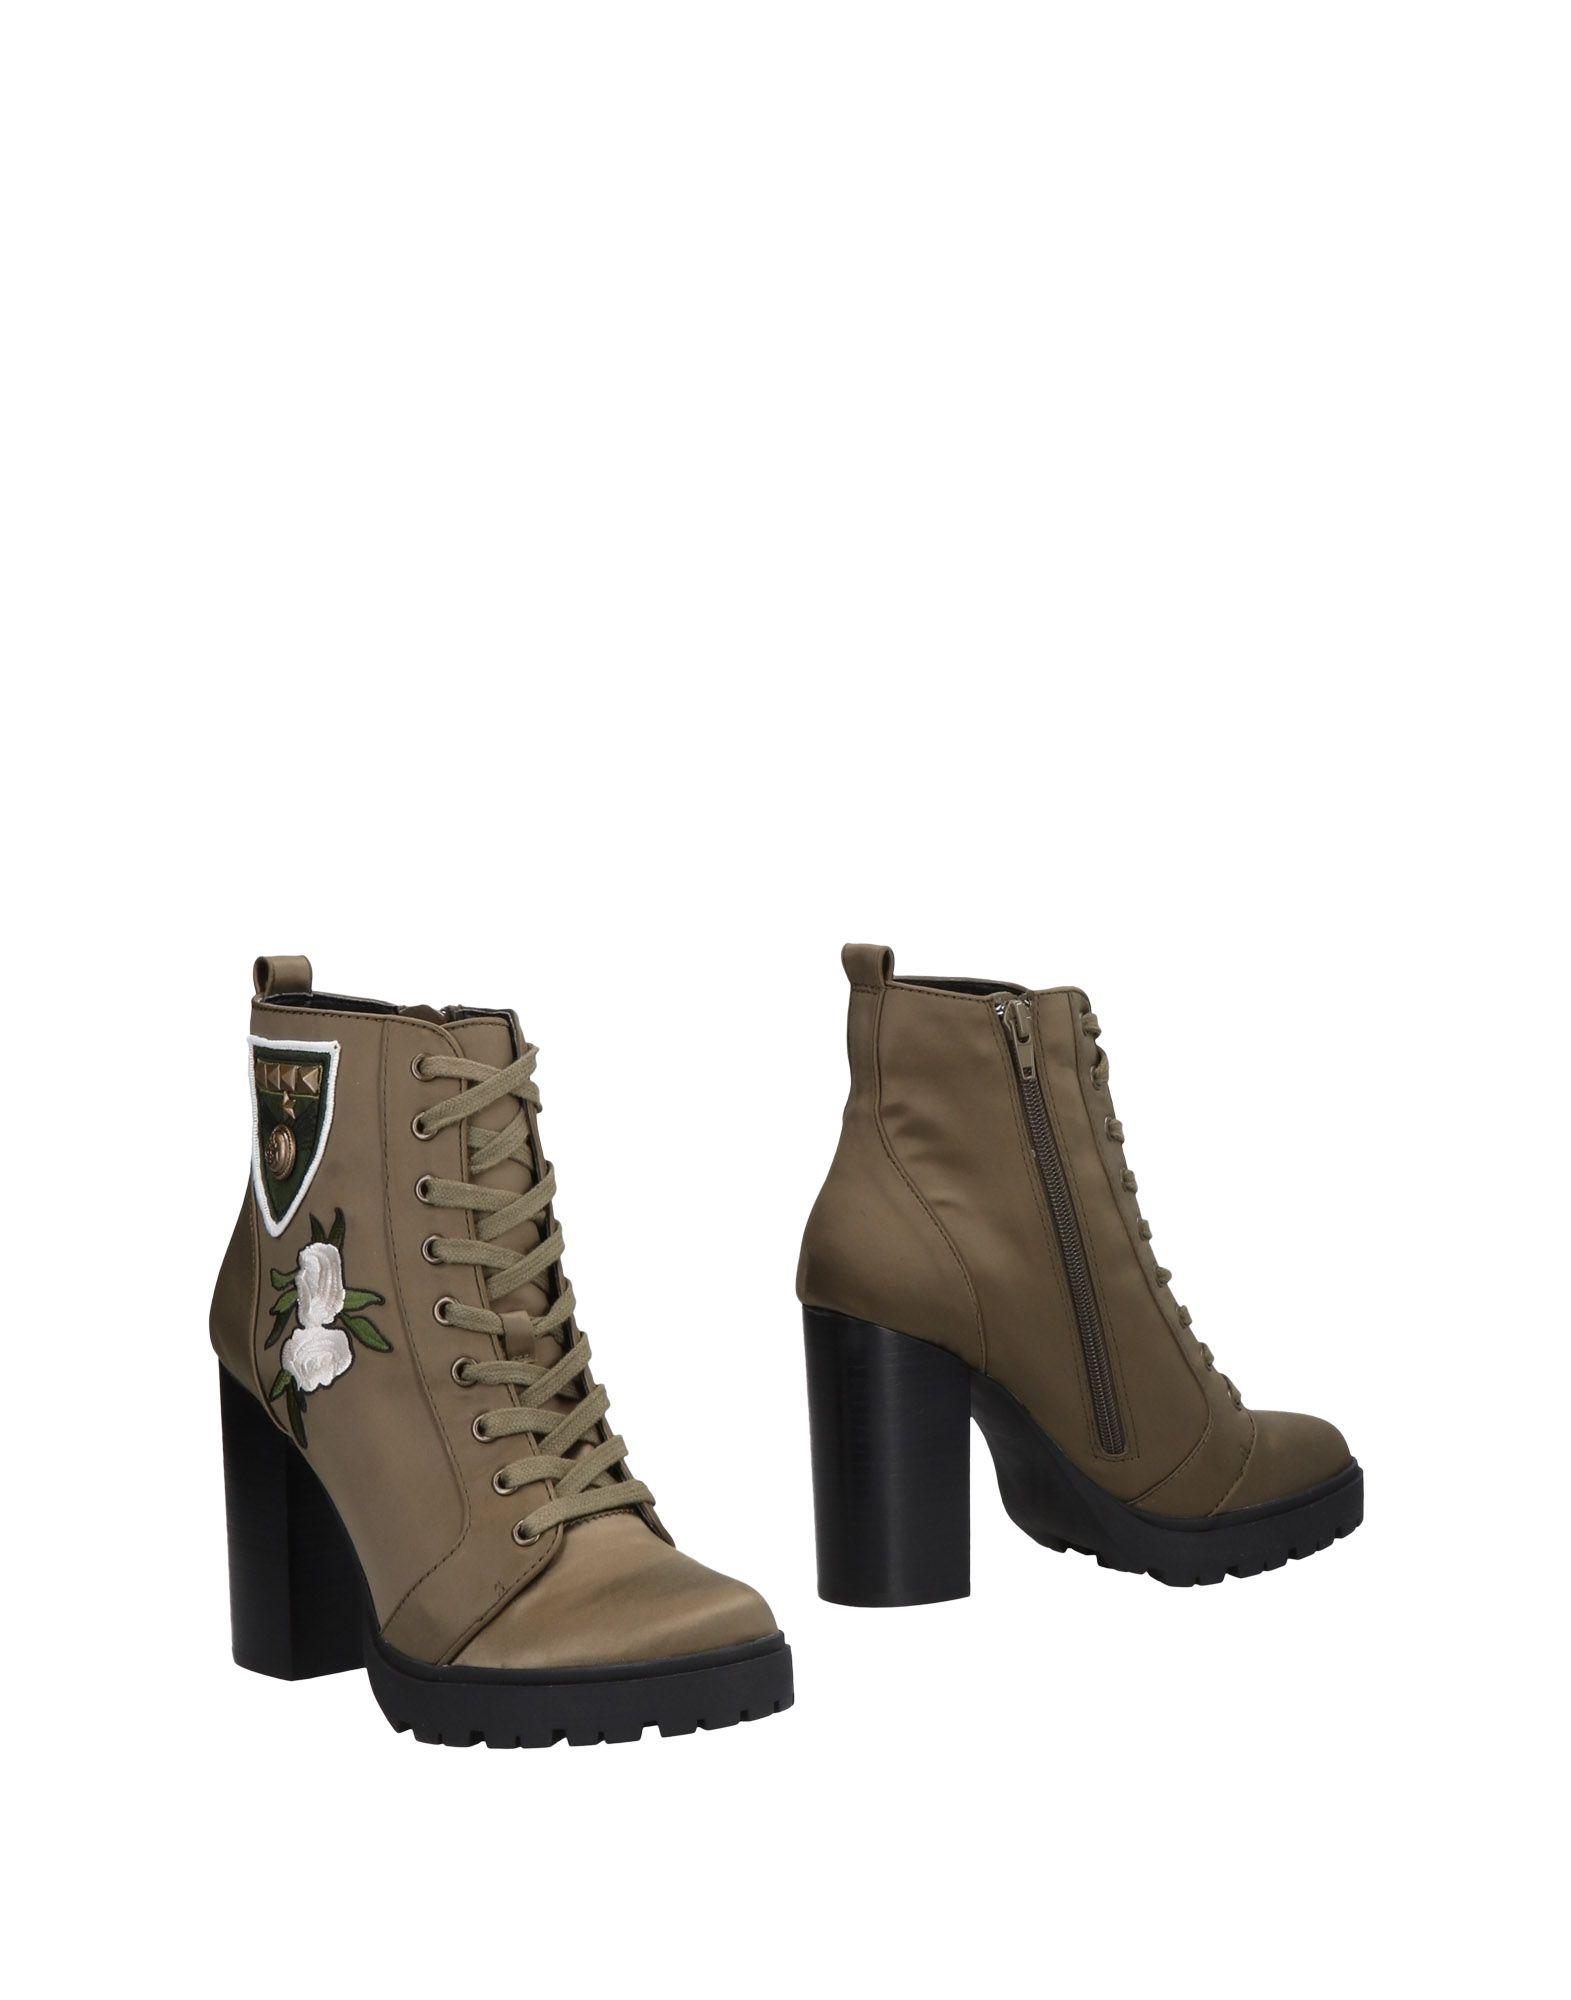 Steve Madden Stiefelette Damen  11467255EV Gute Qualität beliebte Schuhe